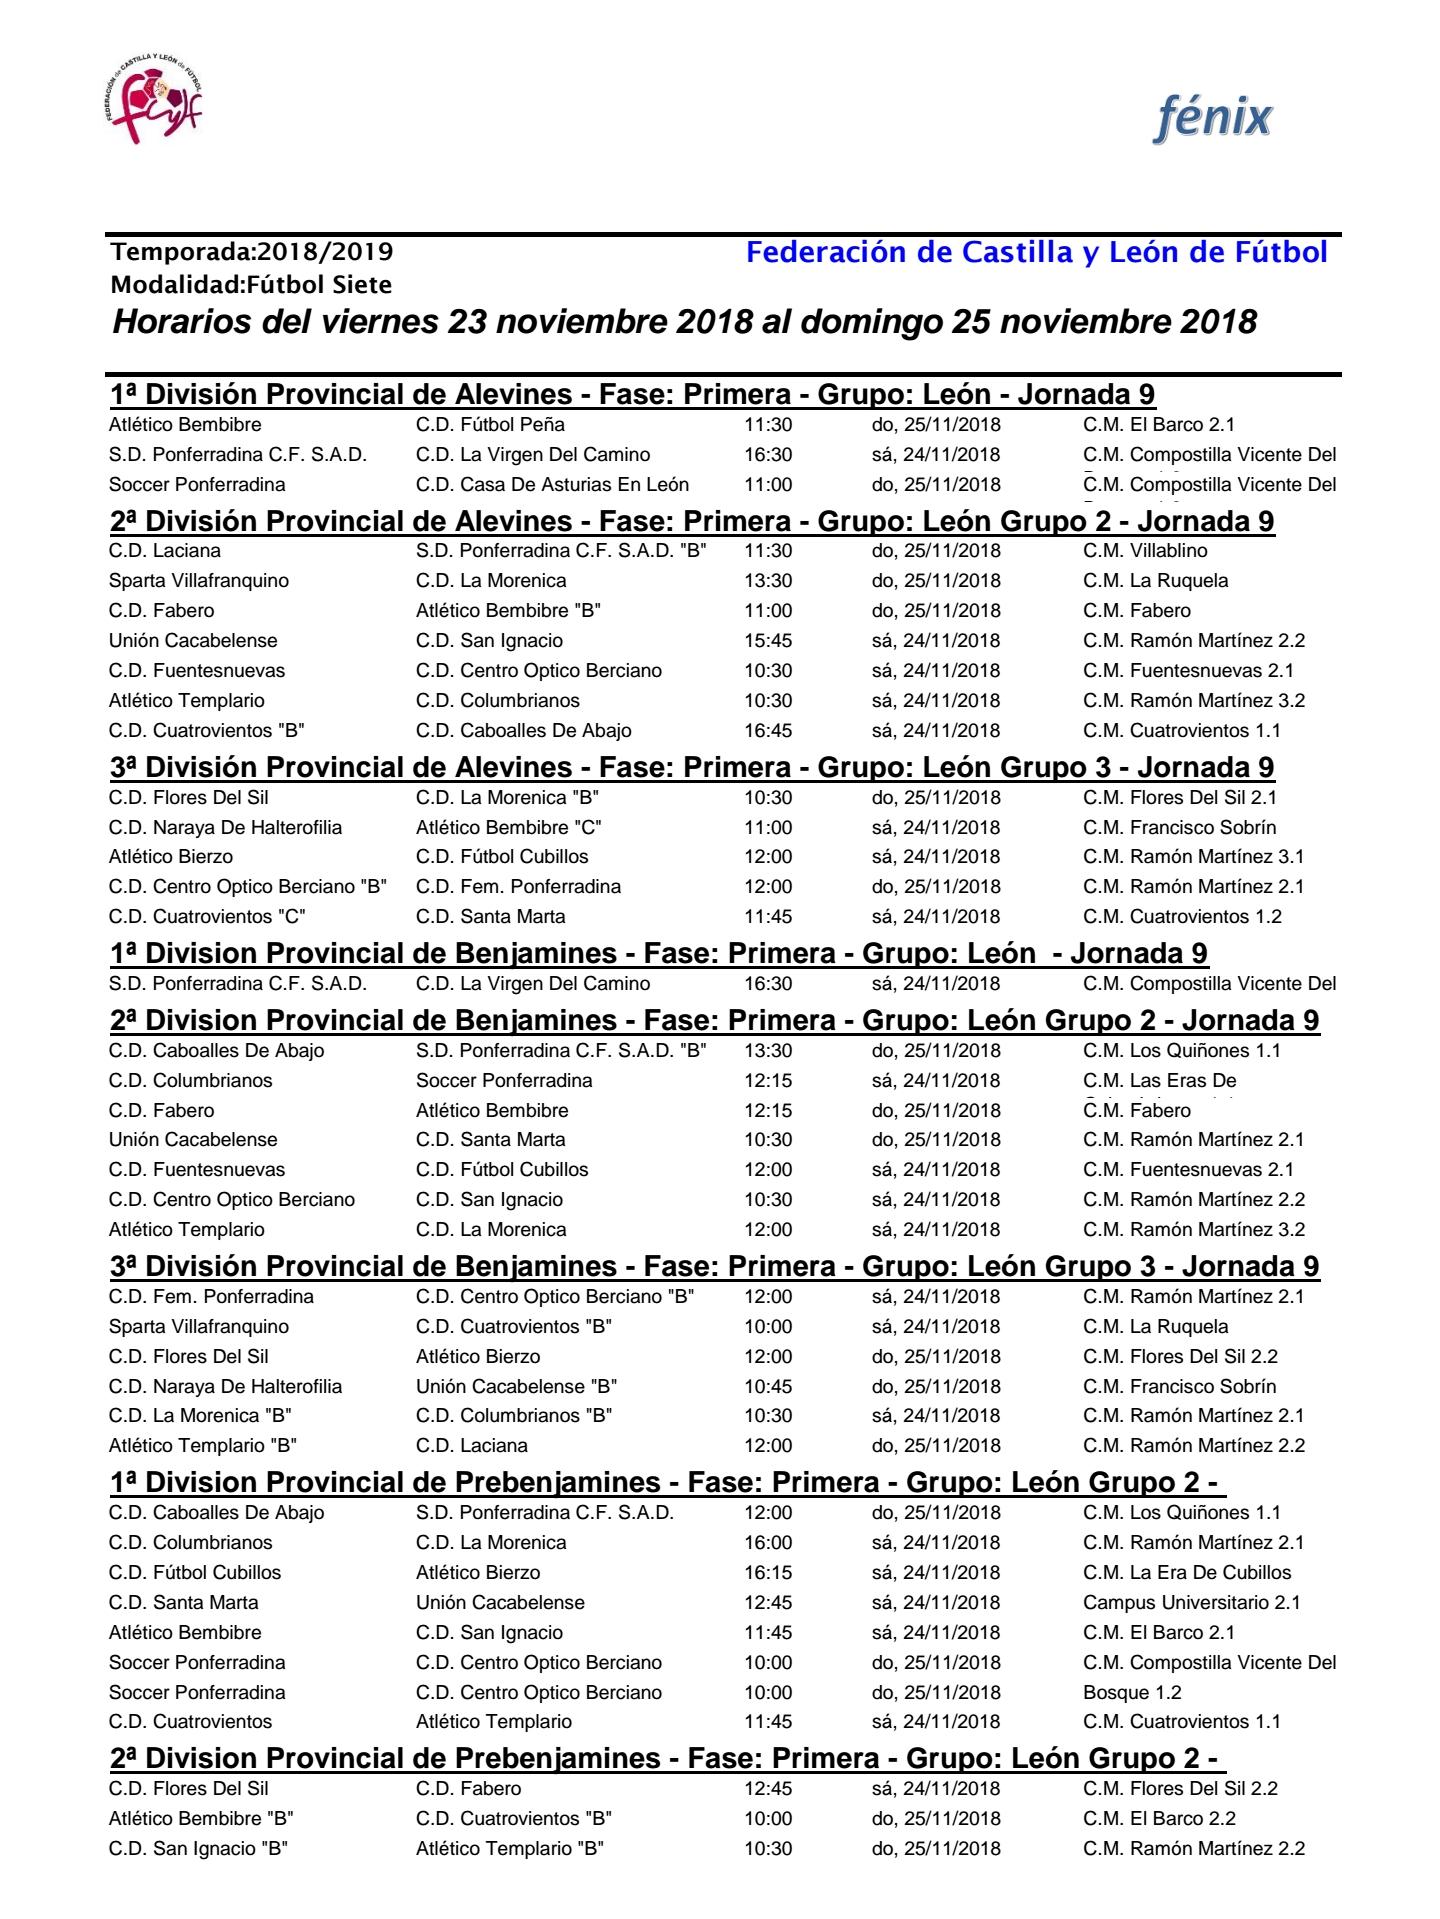 Planes de ocio en Ponferrada y El Bierzo para el fin de semana. 30 de noviembre al 2 de diciembre 2018 32